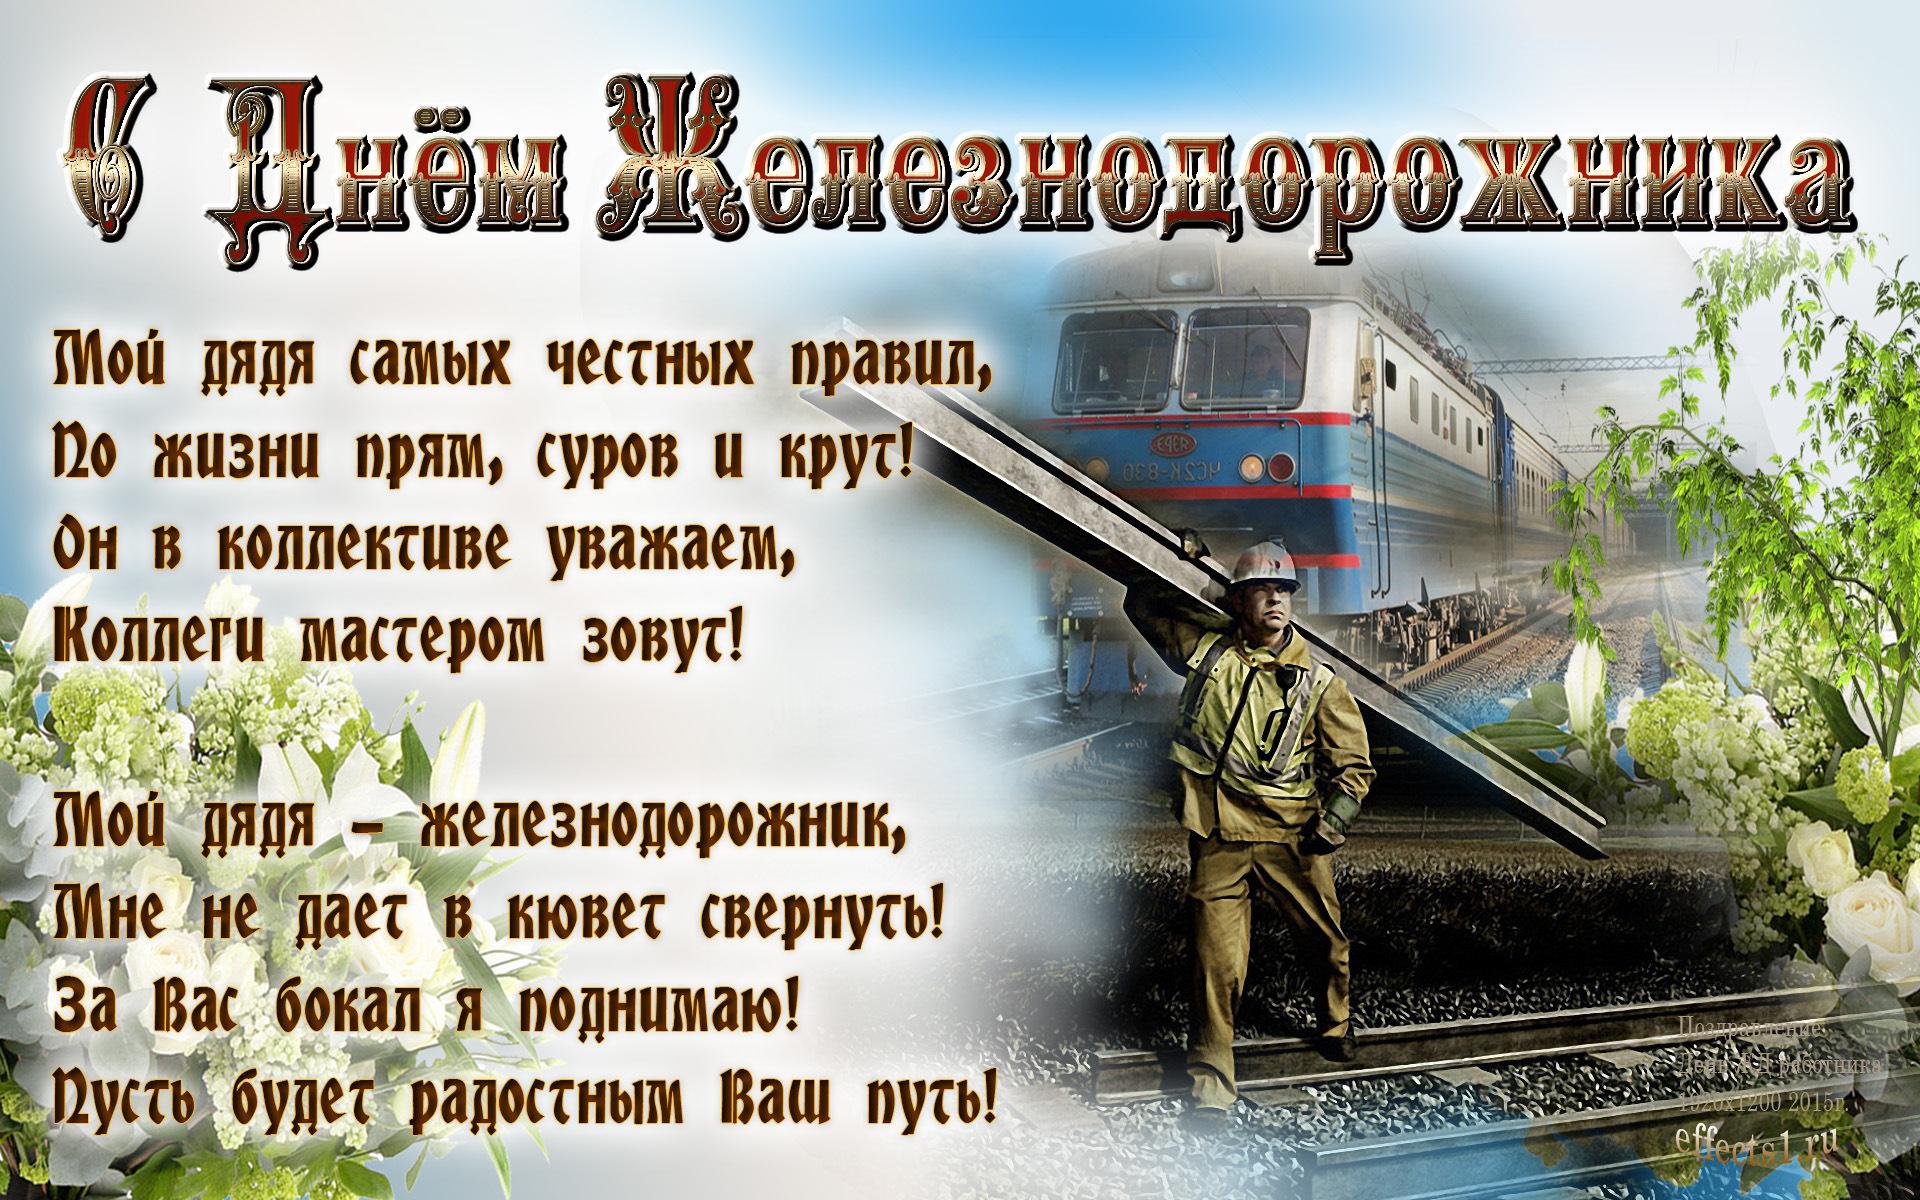 Картинка, гиф открытки к дню железнодорожника